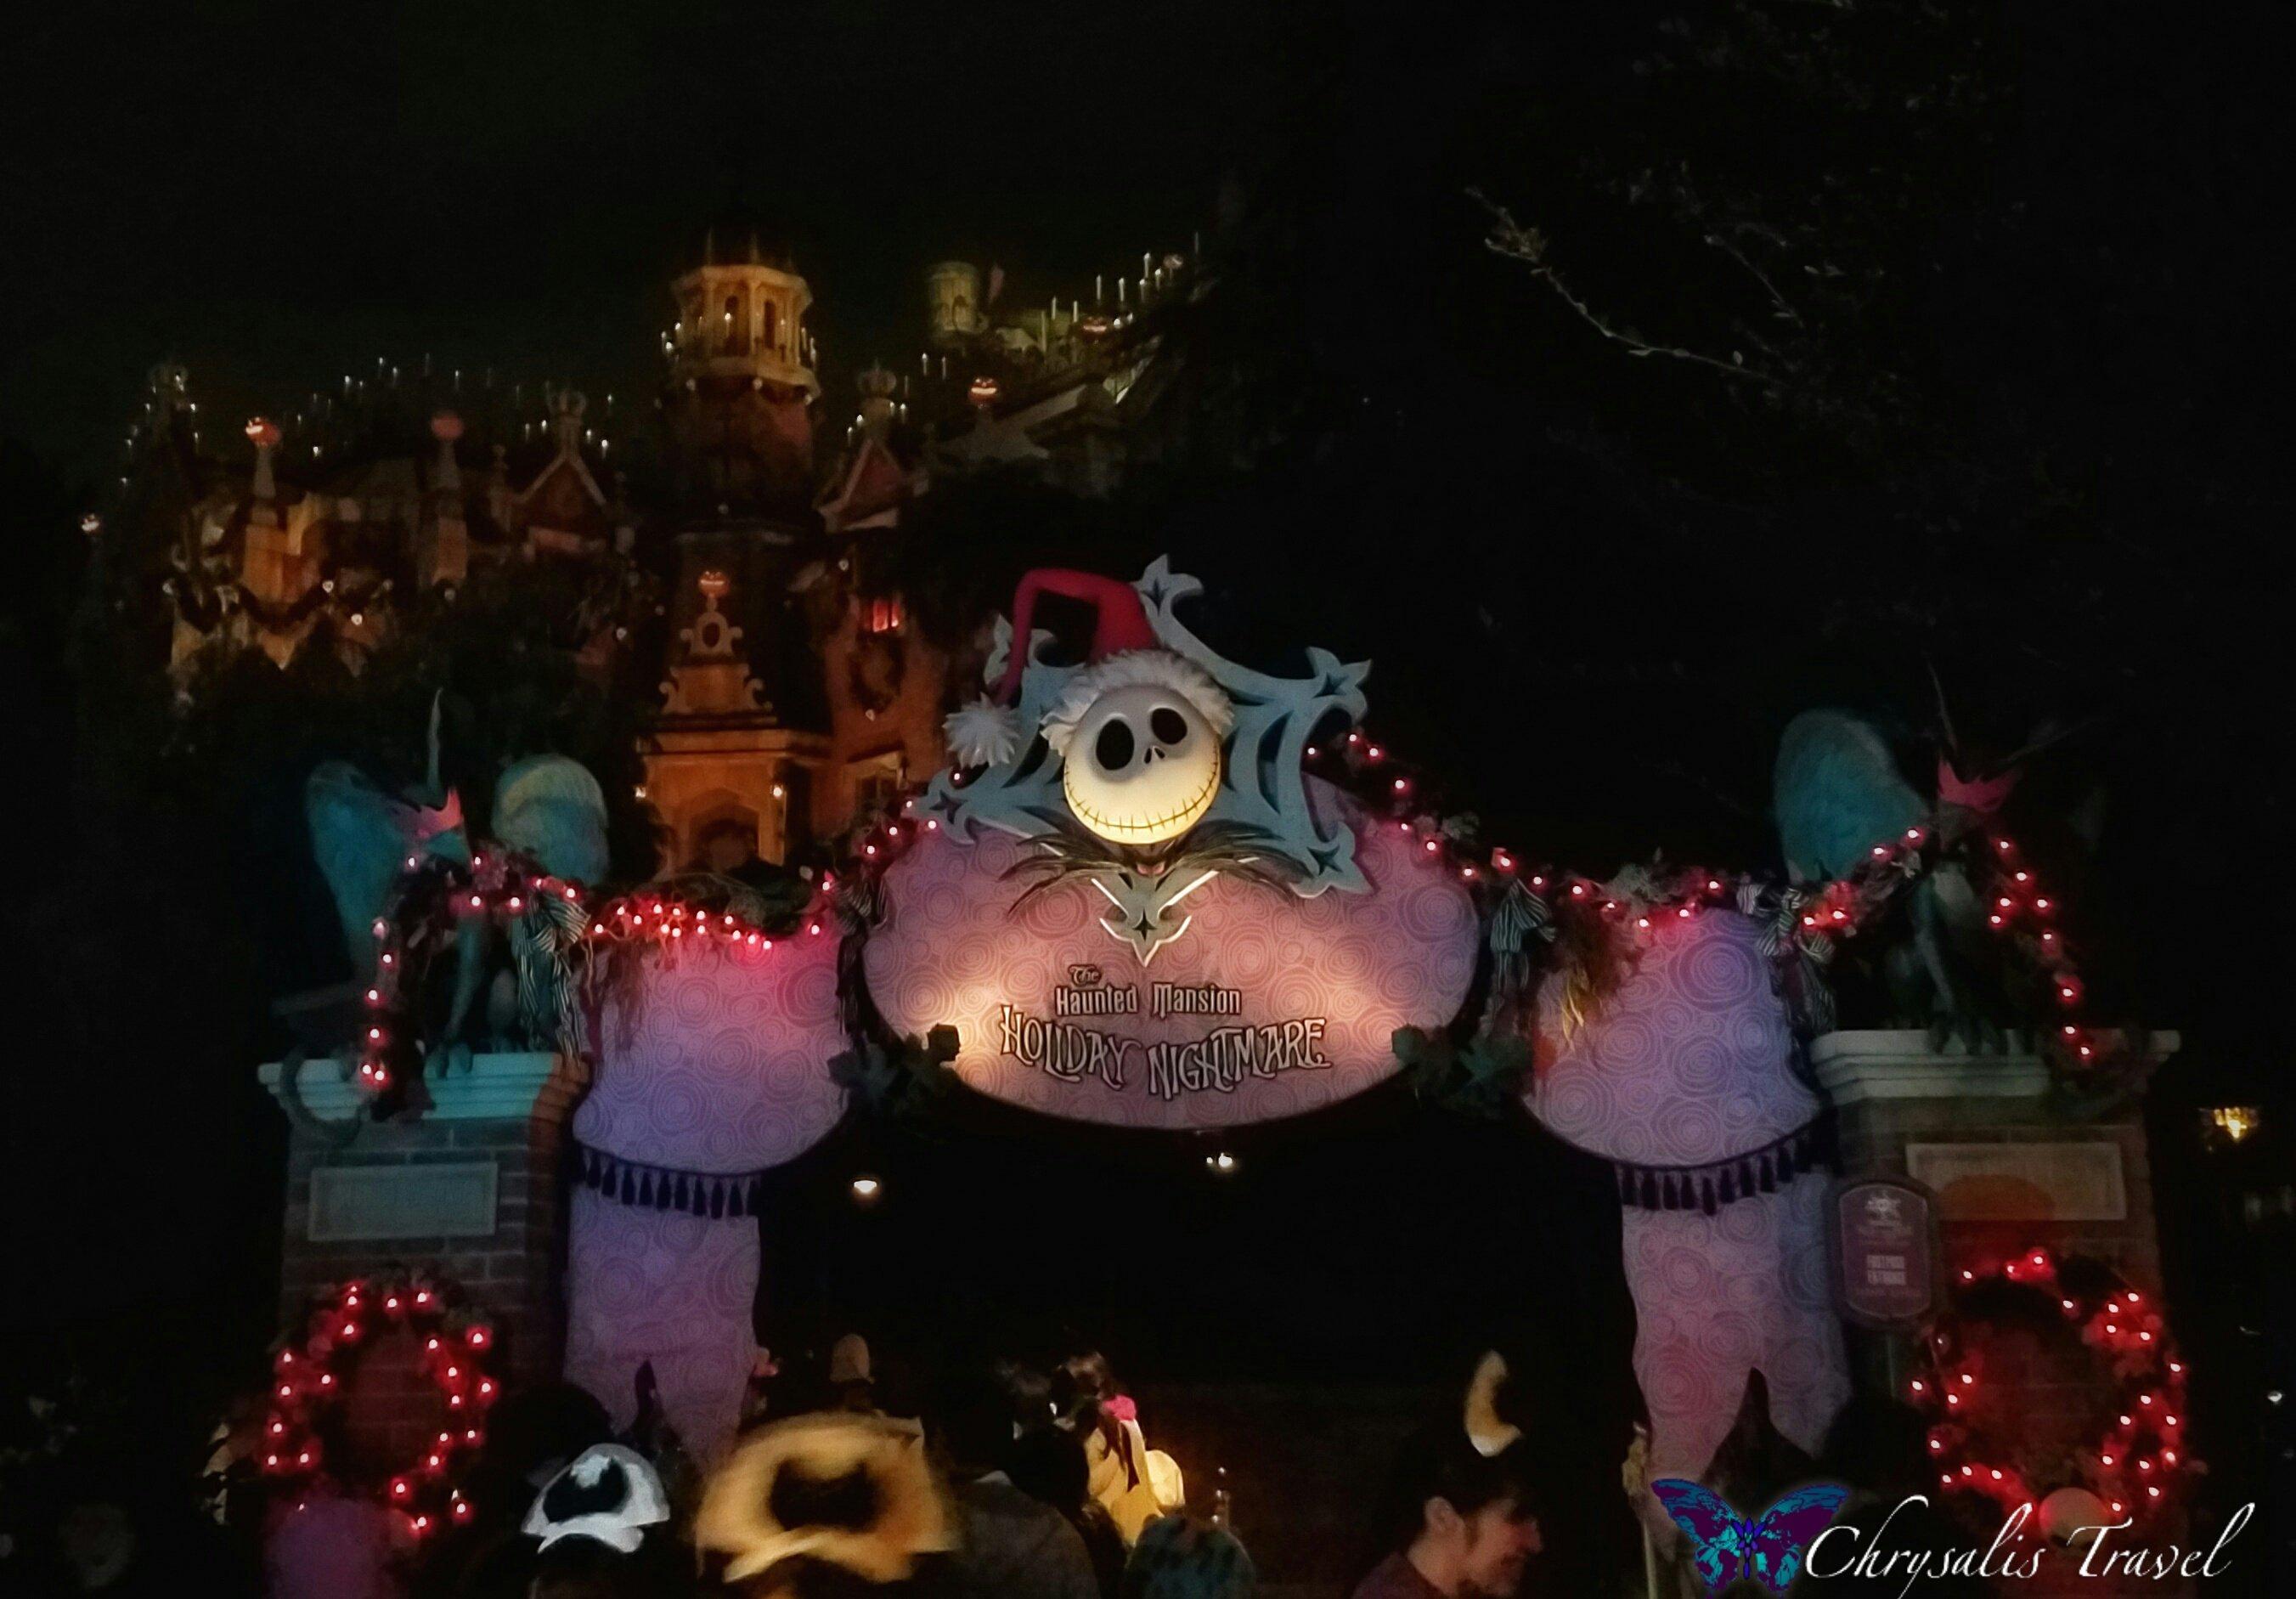 jack-skellingtons-haunted-mansion-nightmare